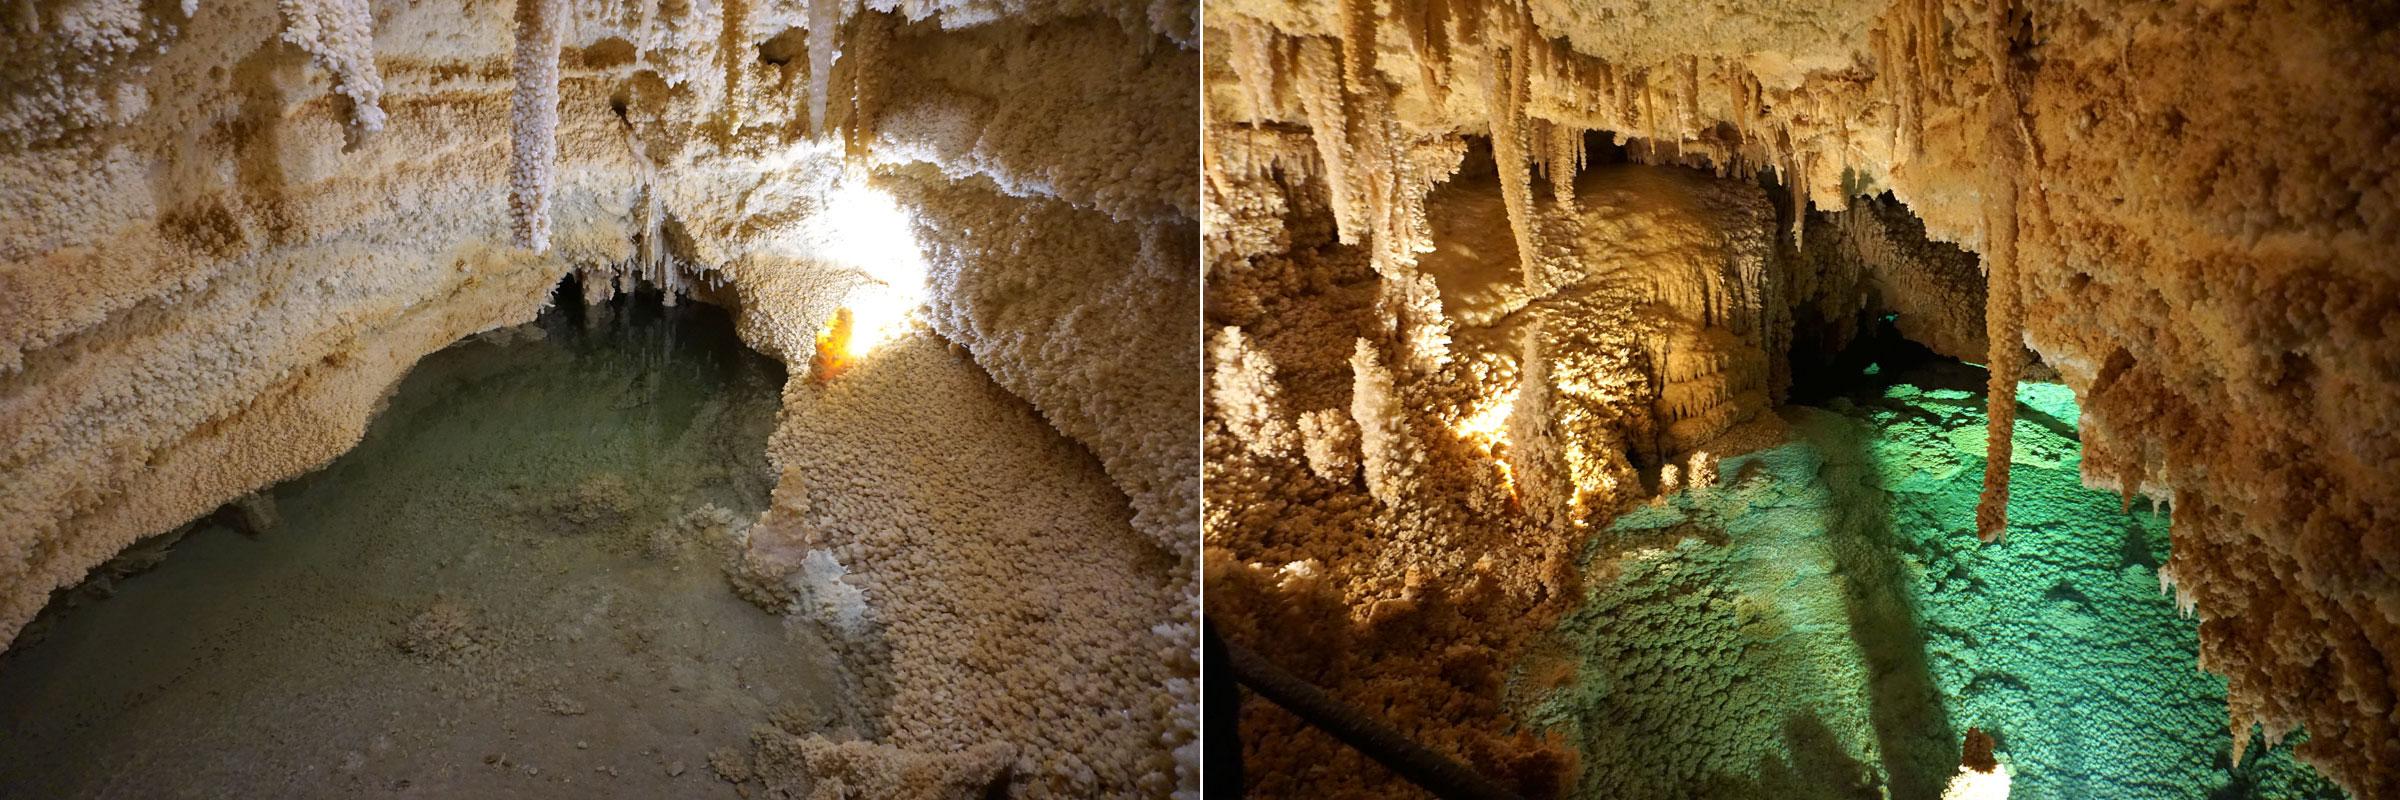 © 2019 Louise Levergneux. Horseshoe Lake inside the Caverns of Sonora. /  Le lac en fer a cheval dans les cavernes de Sonora.